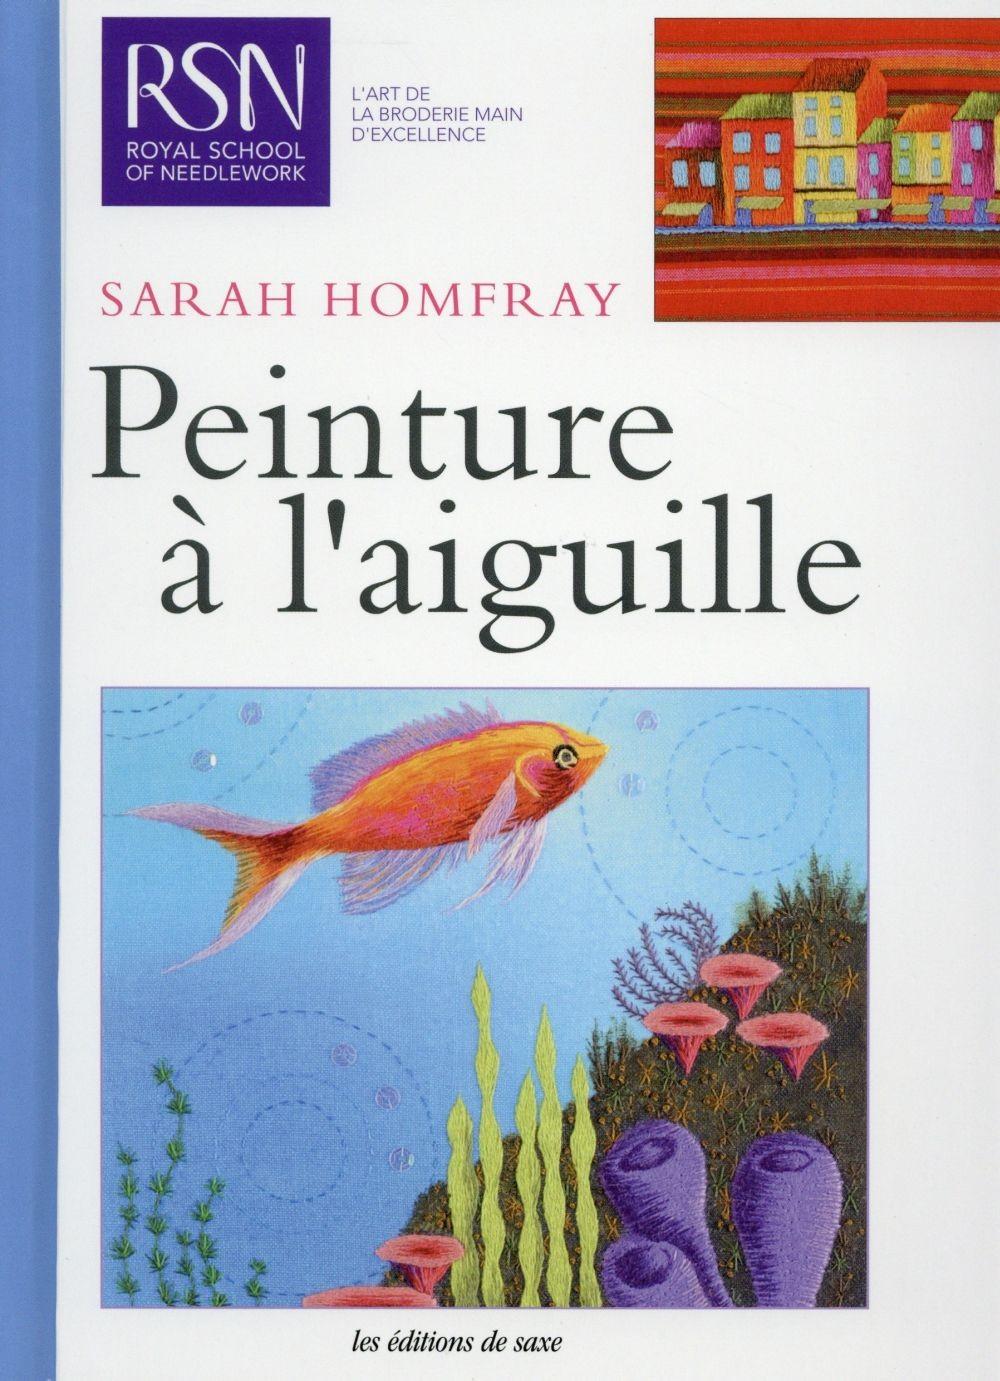 couverture du livre Peinture à l'aiguille de Sarah Homfray